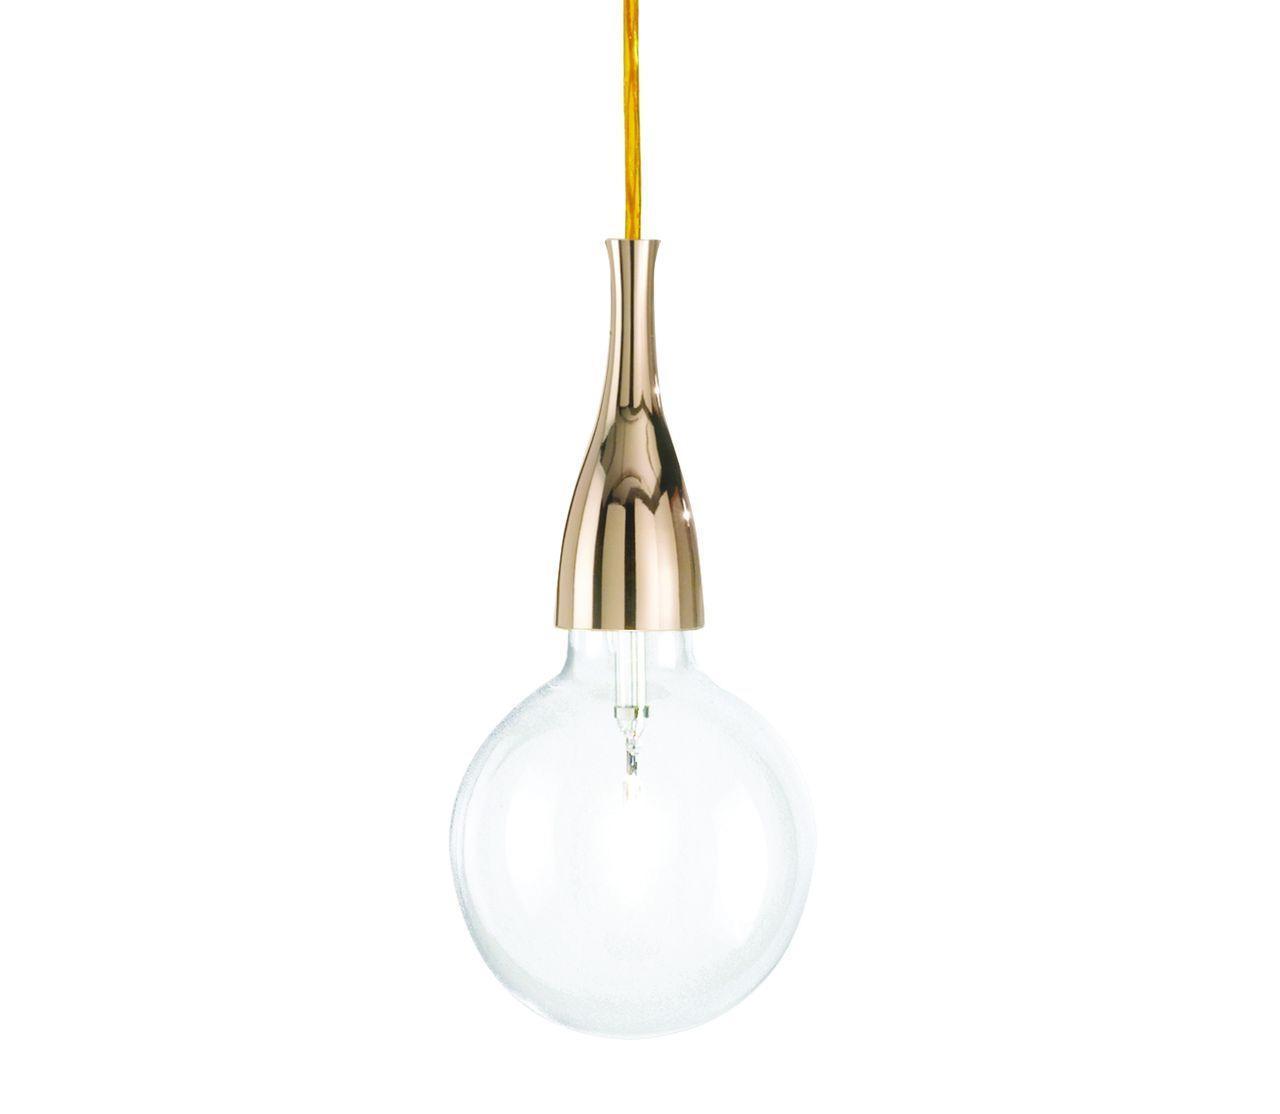 Подвесной светильник Ideal Lux Minimal SP1 Oro подвесной светильник ideal lux minimal sp1 oro